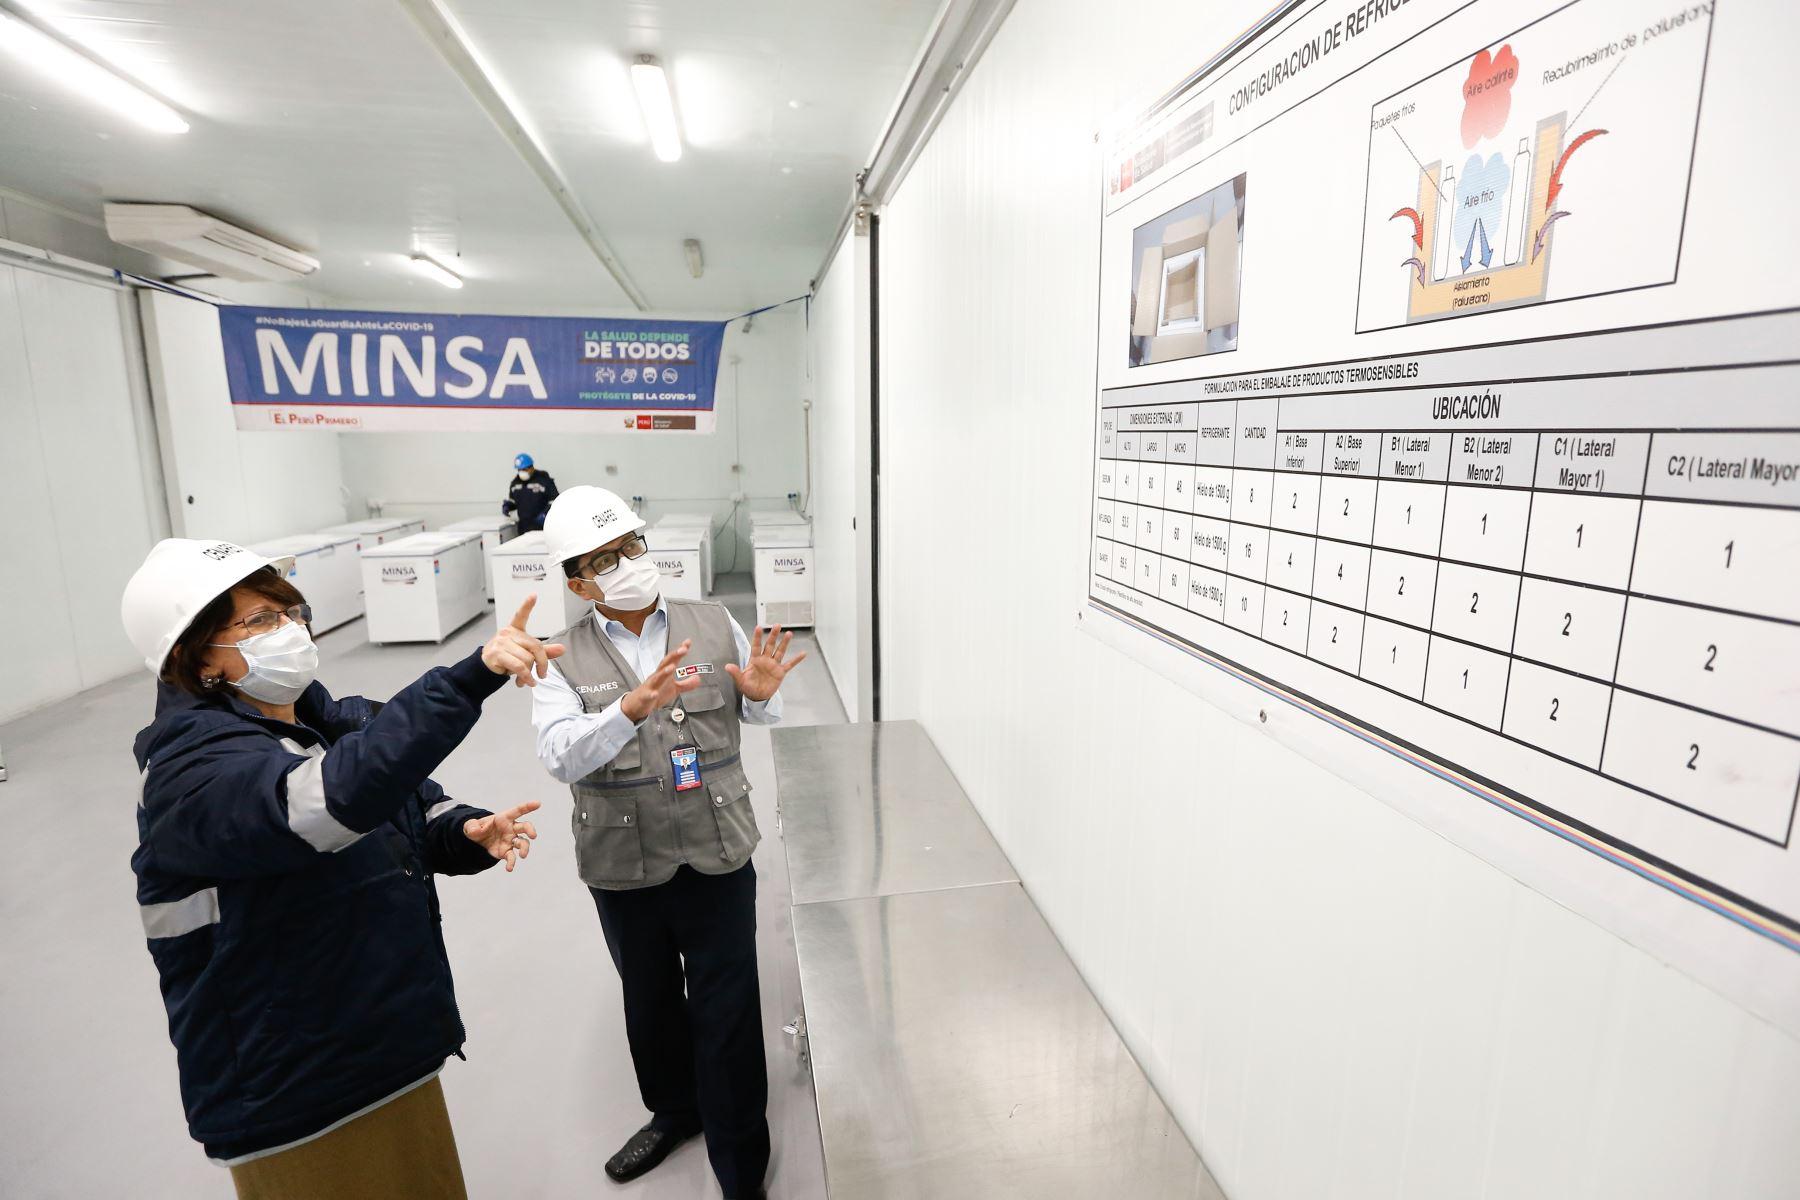 Ministra de Salud, Pilar Mazzetti Soler adelantó que el primer lote de un millón de vacunas contra la COVID-19 que llegará del laboratorio chino Sinopharm se destinará prioritariamente al personal de salud. ANDINA/Minsa